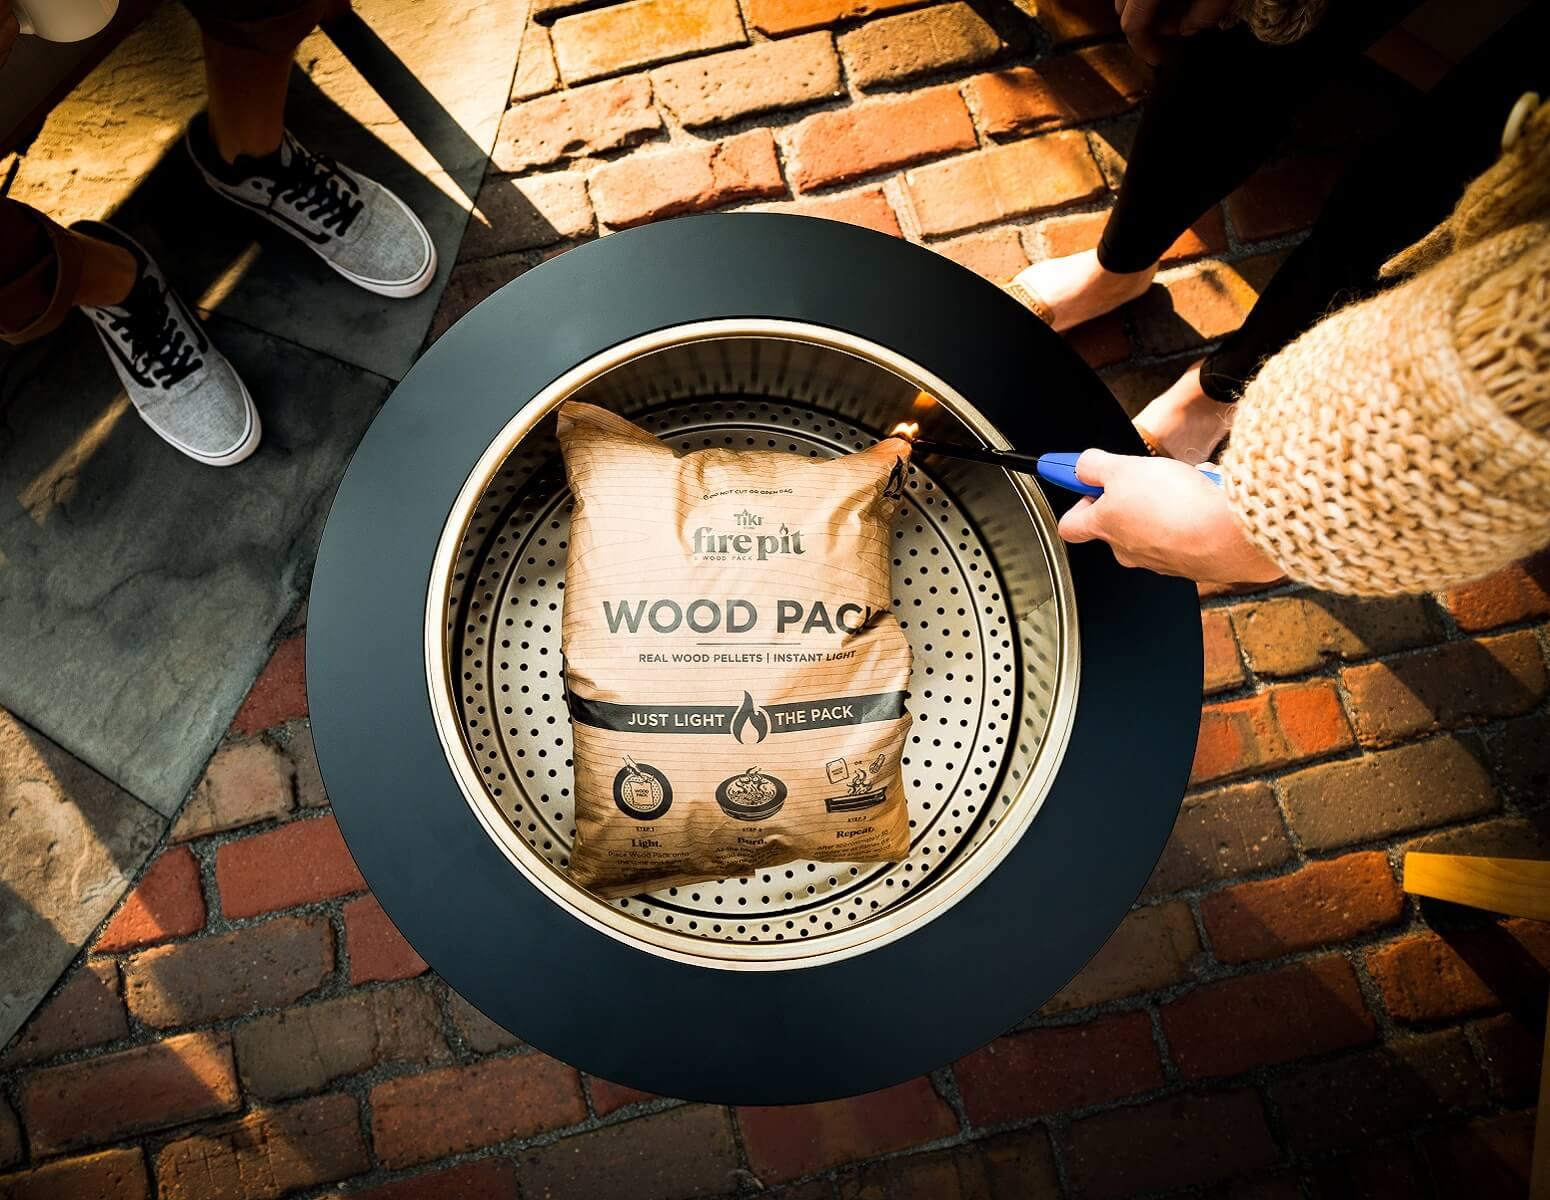 Fuel & Wood Packs - Tiki Brand